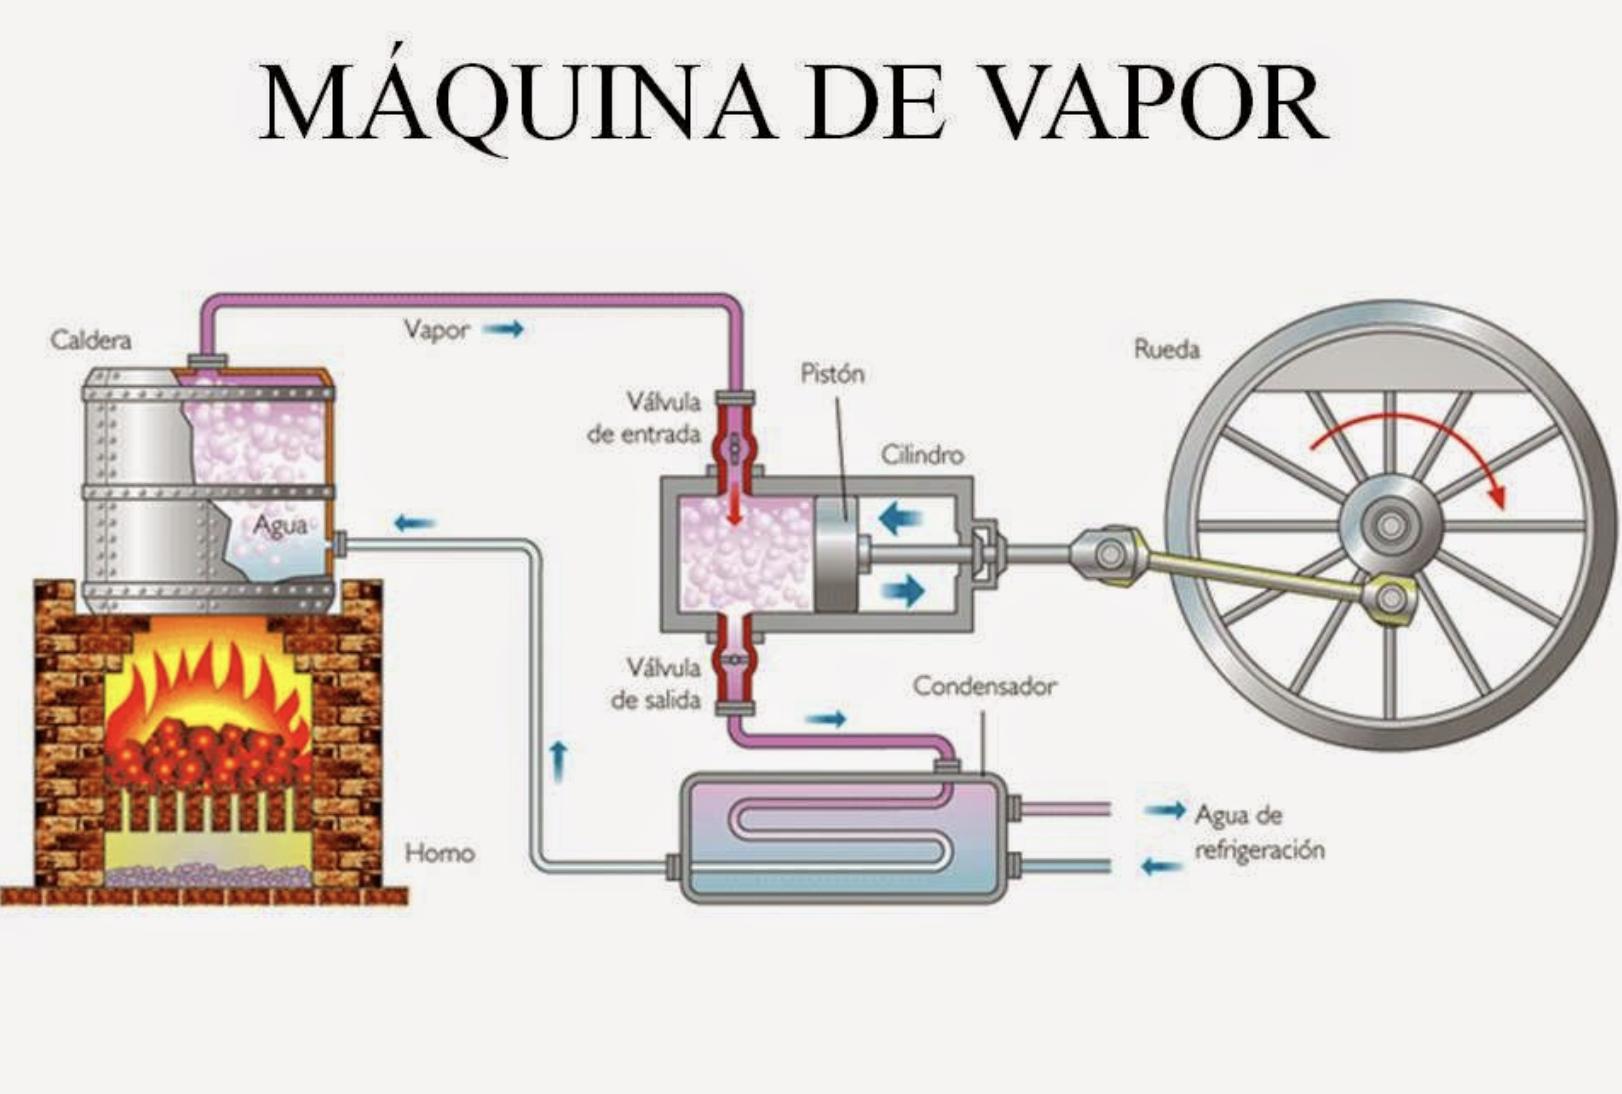 Pin De Cronchy En Miniature Machines Maquinas De Vapor Motor De Vapor Vapor